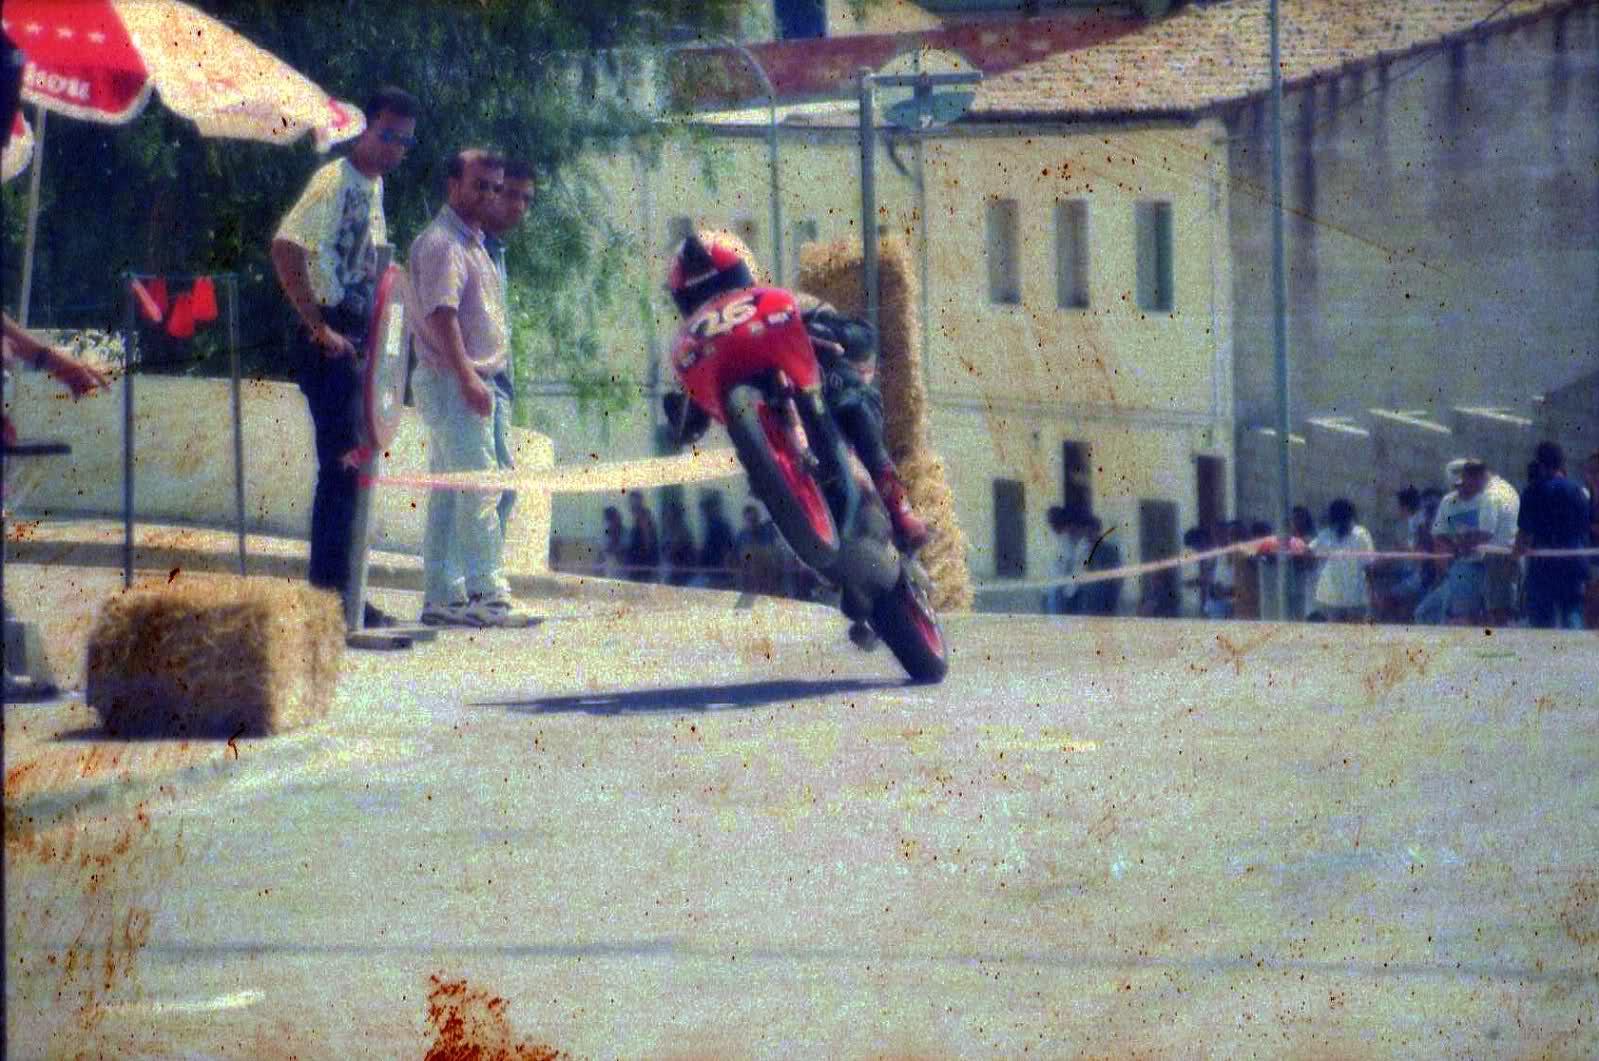 Aquellas amoticos de carreras - Página 4 312e4us